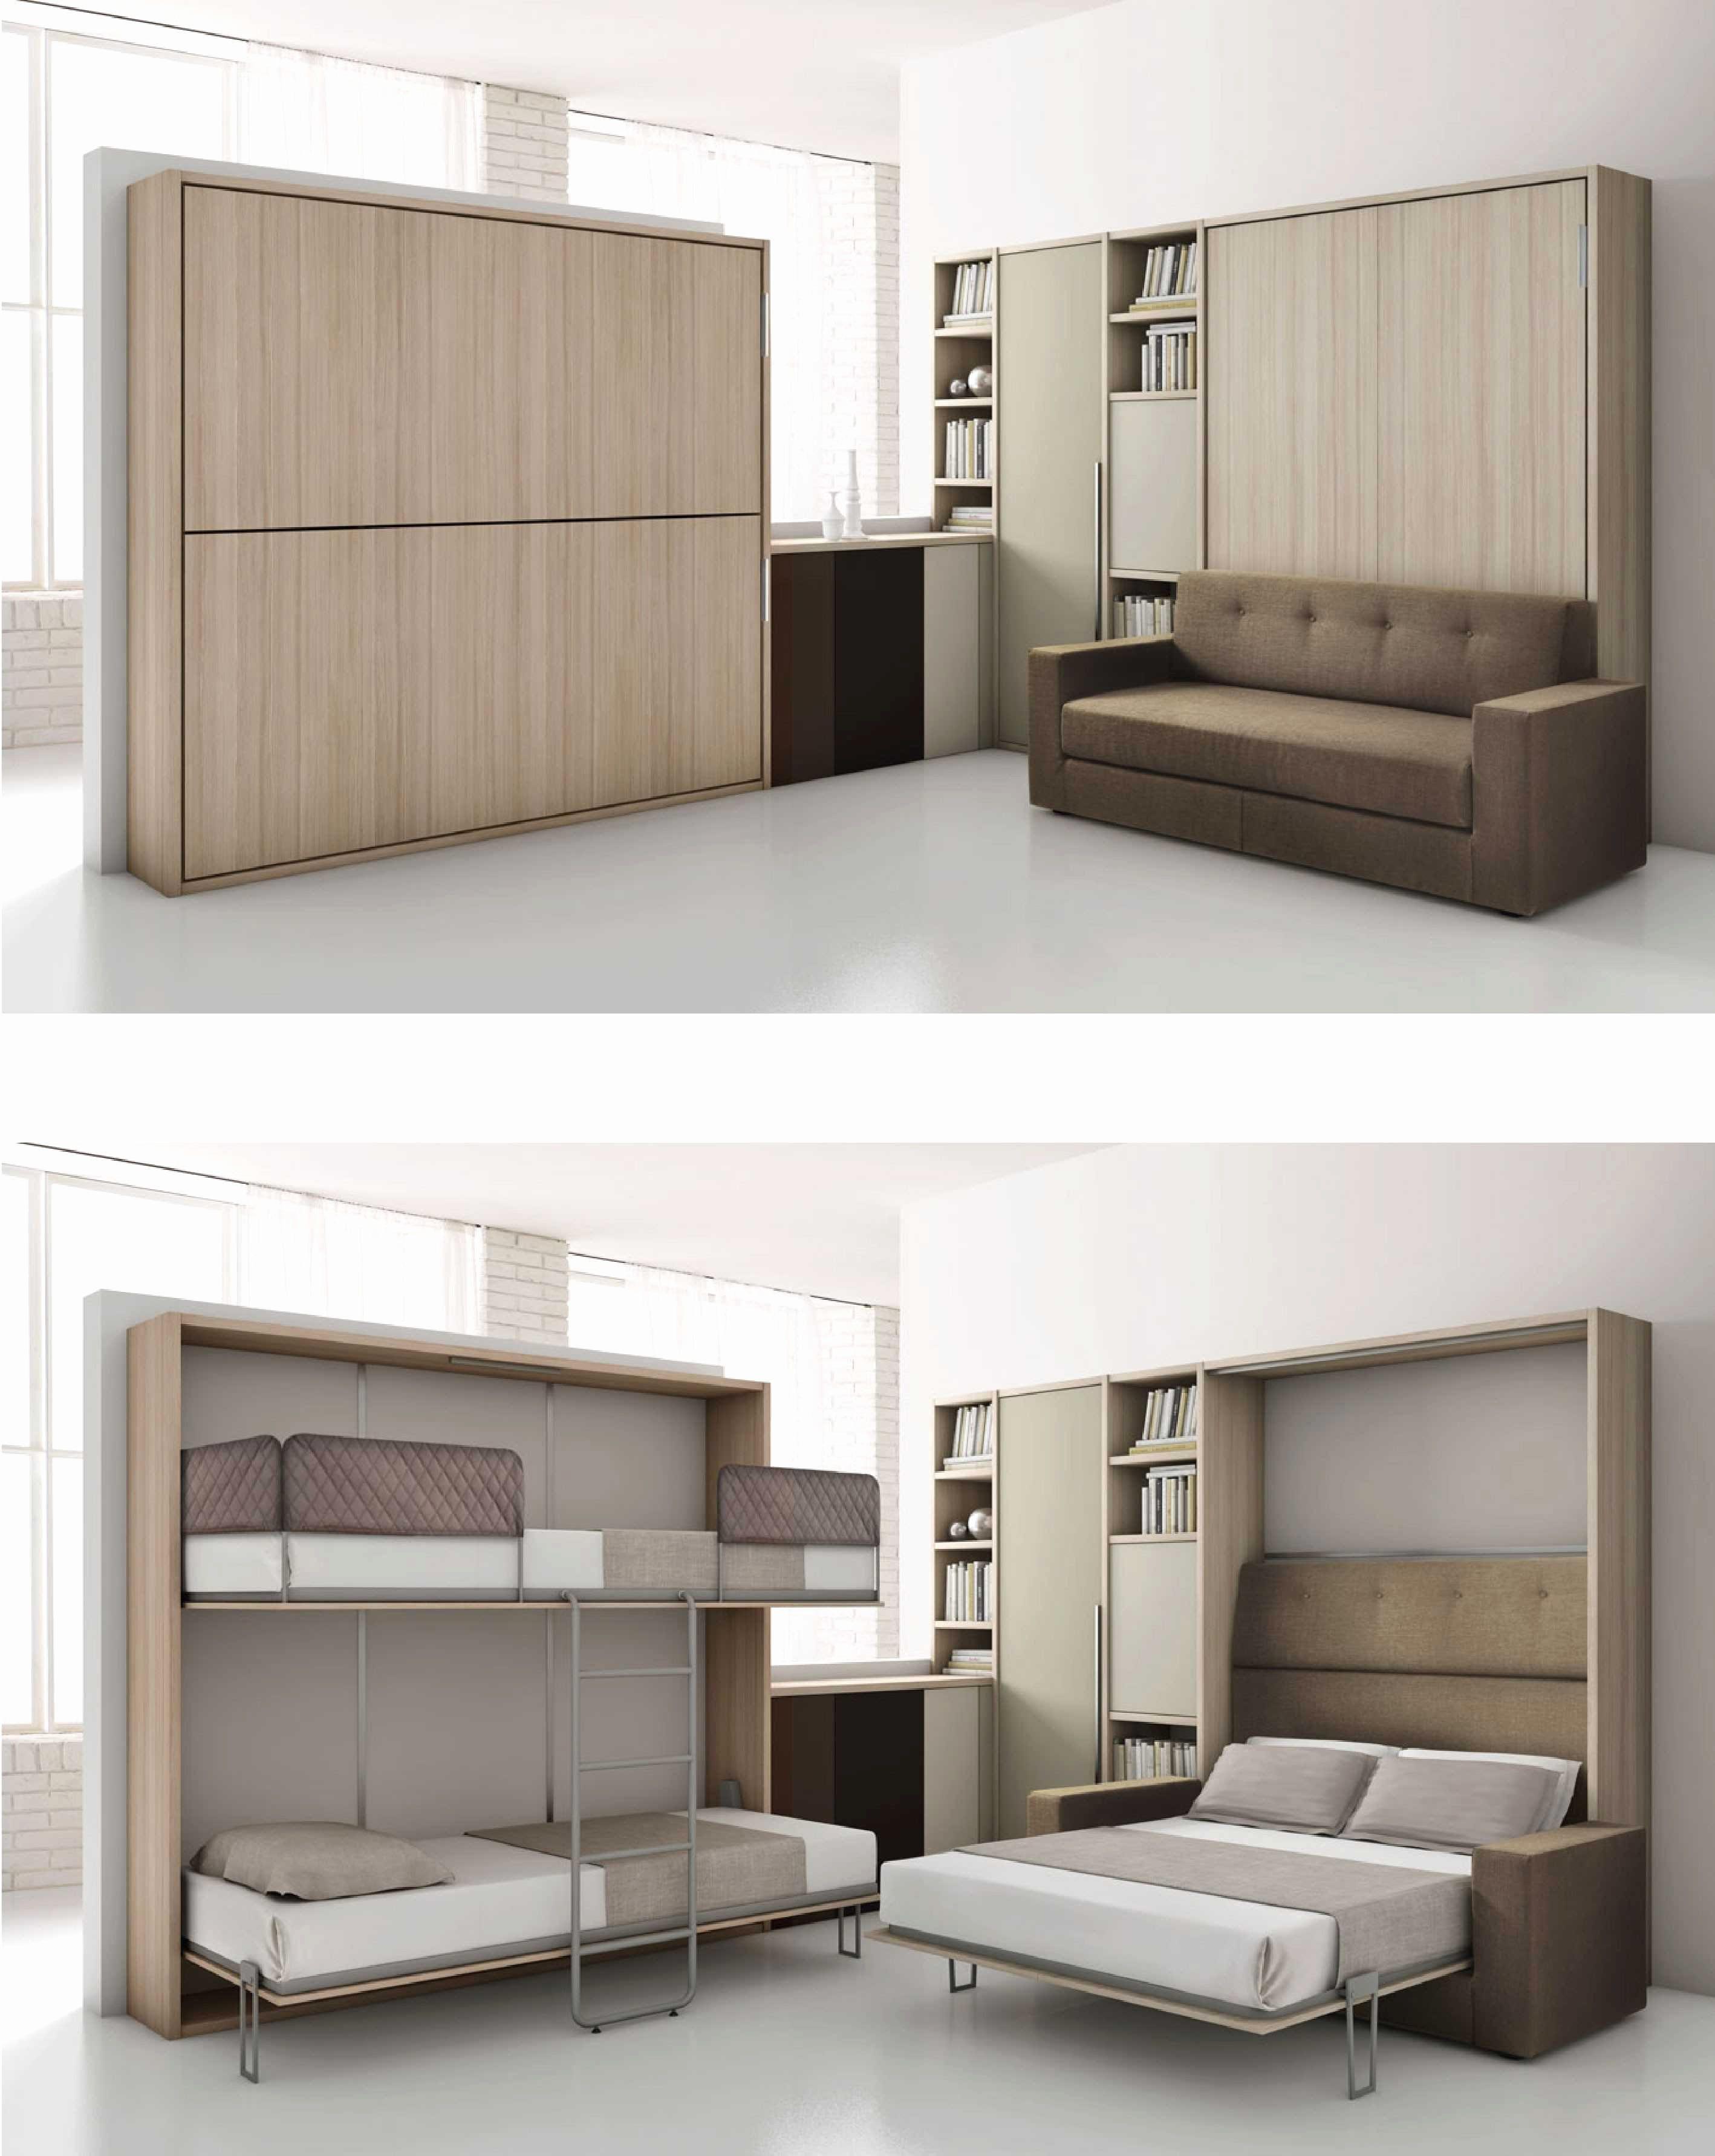 Lit Double Escamotable Ikea Douce Armoire Lit Escamotable Avec Canape Nouveau Lit Double Escamotable